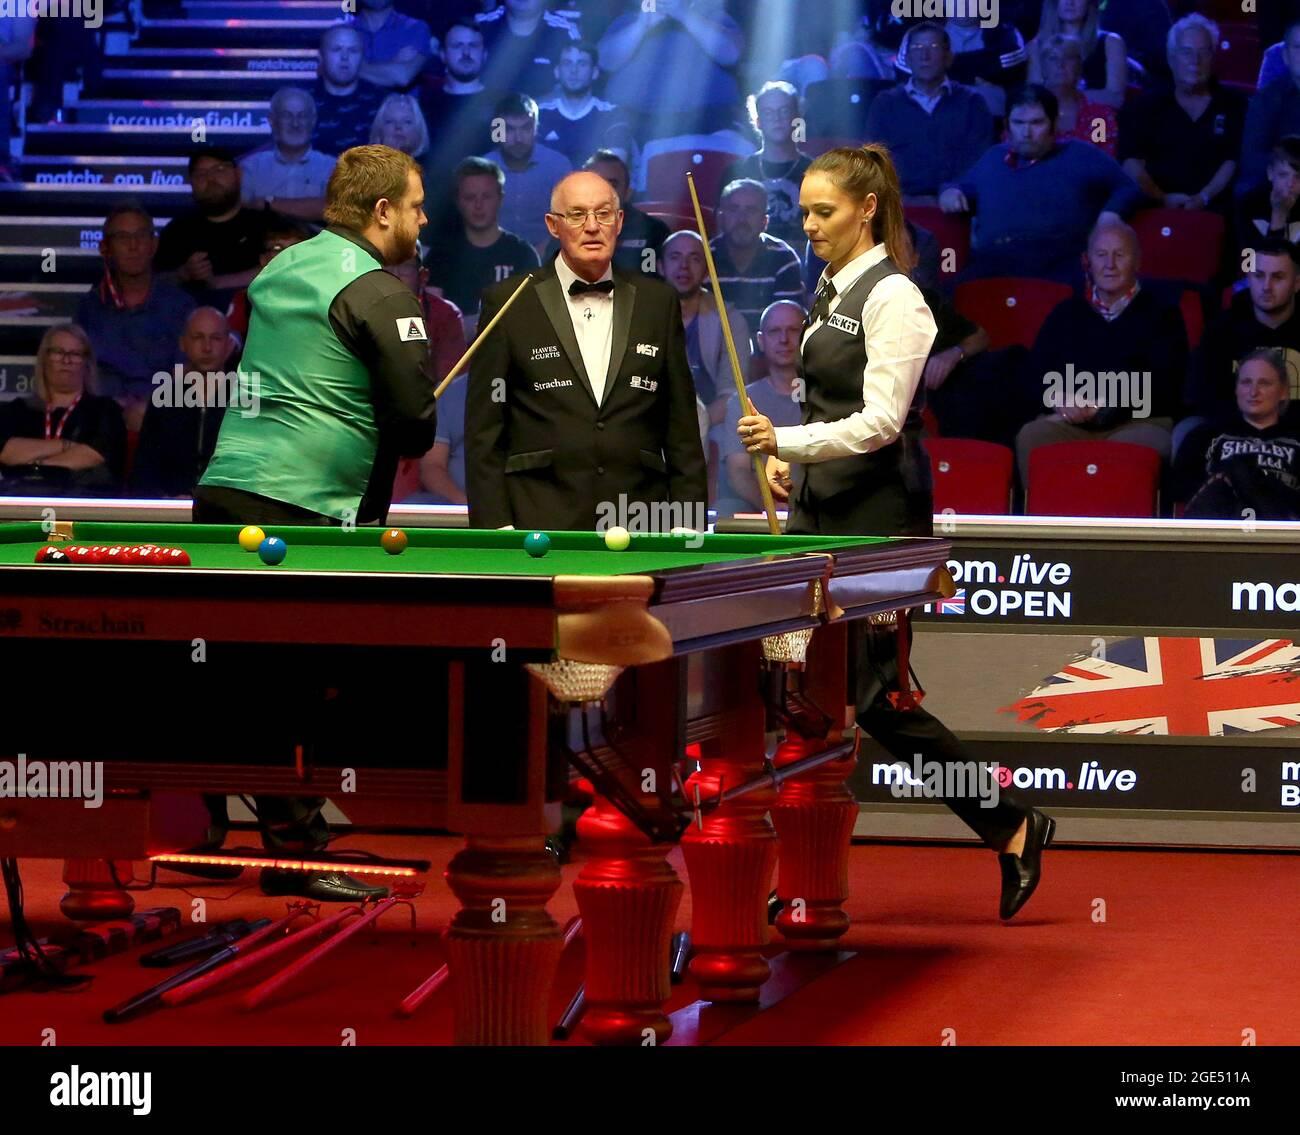 16 agosto 2021; Morningside Arena, Leicester, Inghilterra; British Open Snooker Championship; Mark Allan e Reanne Evans iniziano la loro partita senza scuotere le mani Foto Stock